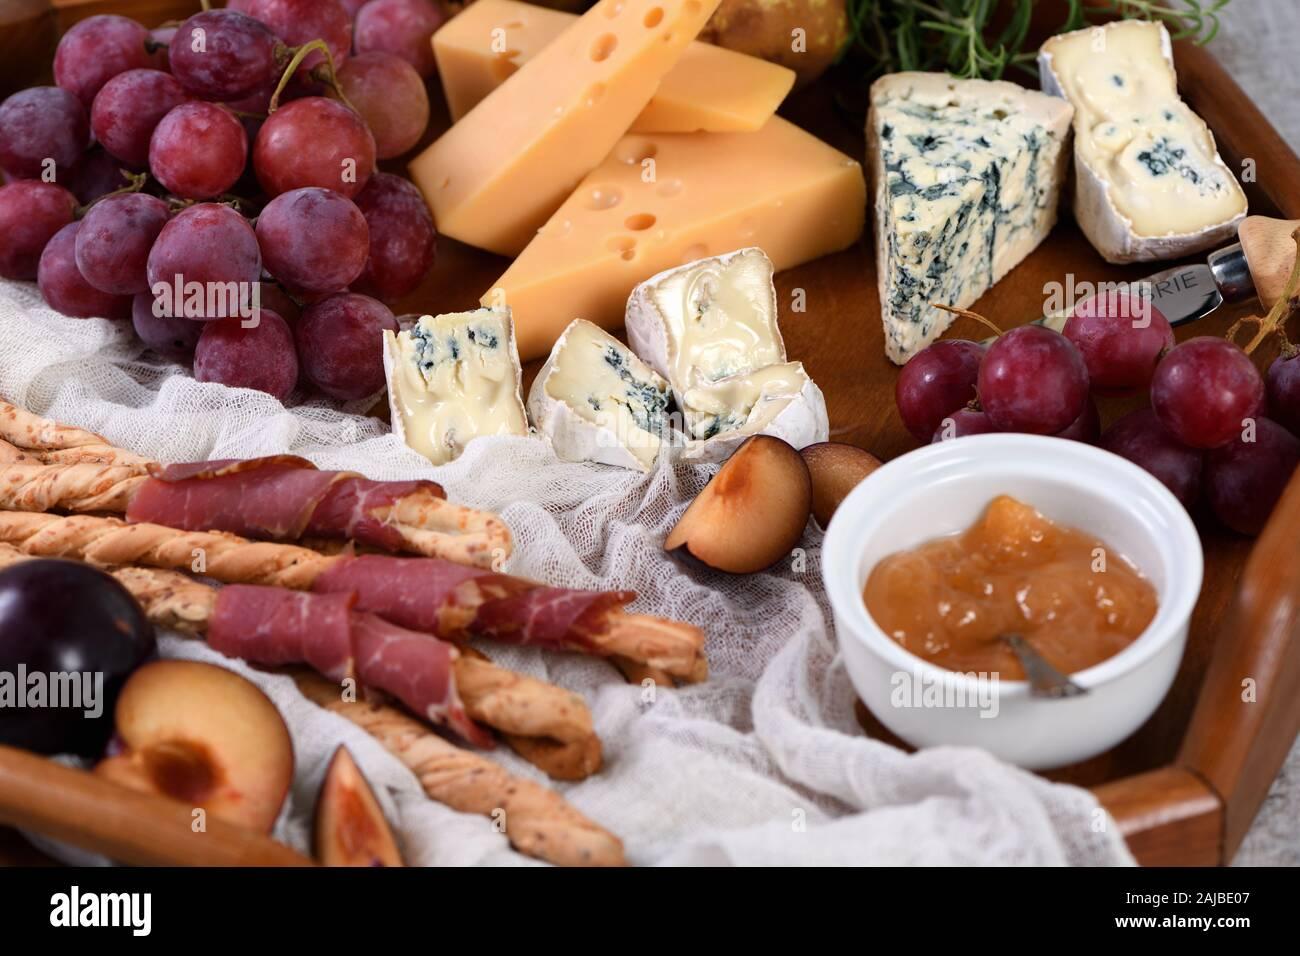 Antipasti. Schale mit knusprige Grissini gewickelt in der Sonne getrockneten Scheiben Speck, Käse Brie, Camembert, Blauschimmelkäse, radamer und Muskat Weinrebe mit fru Stockfoto